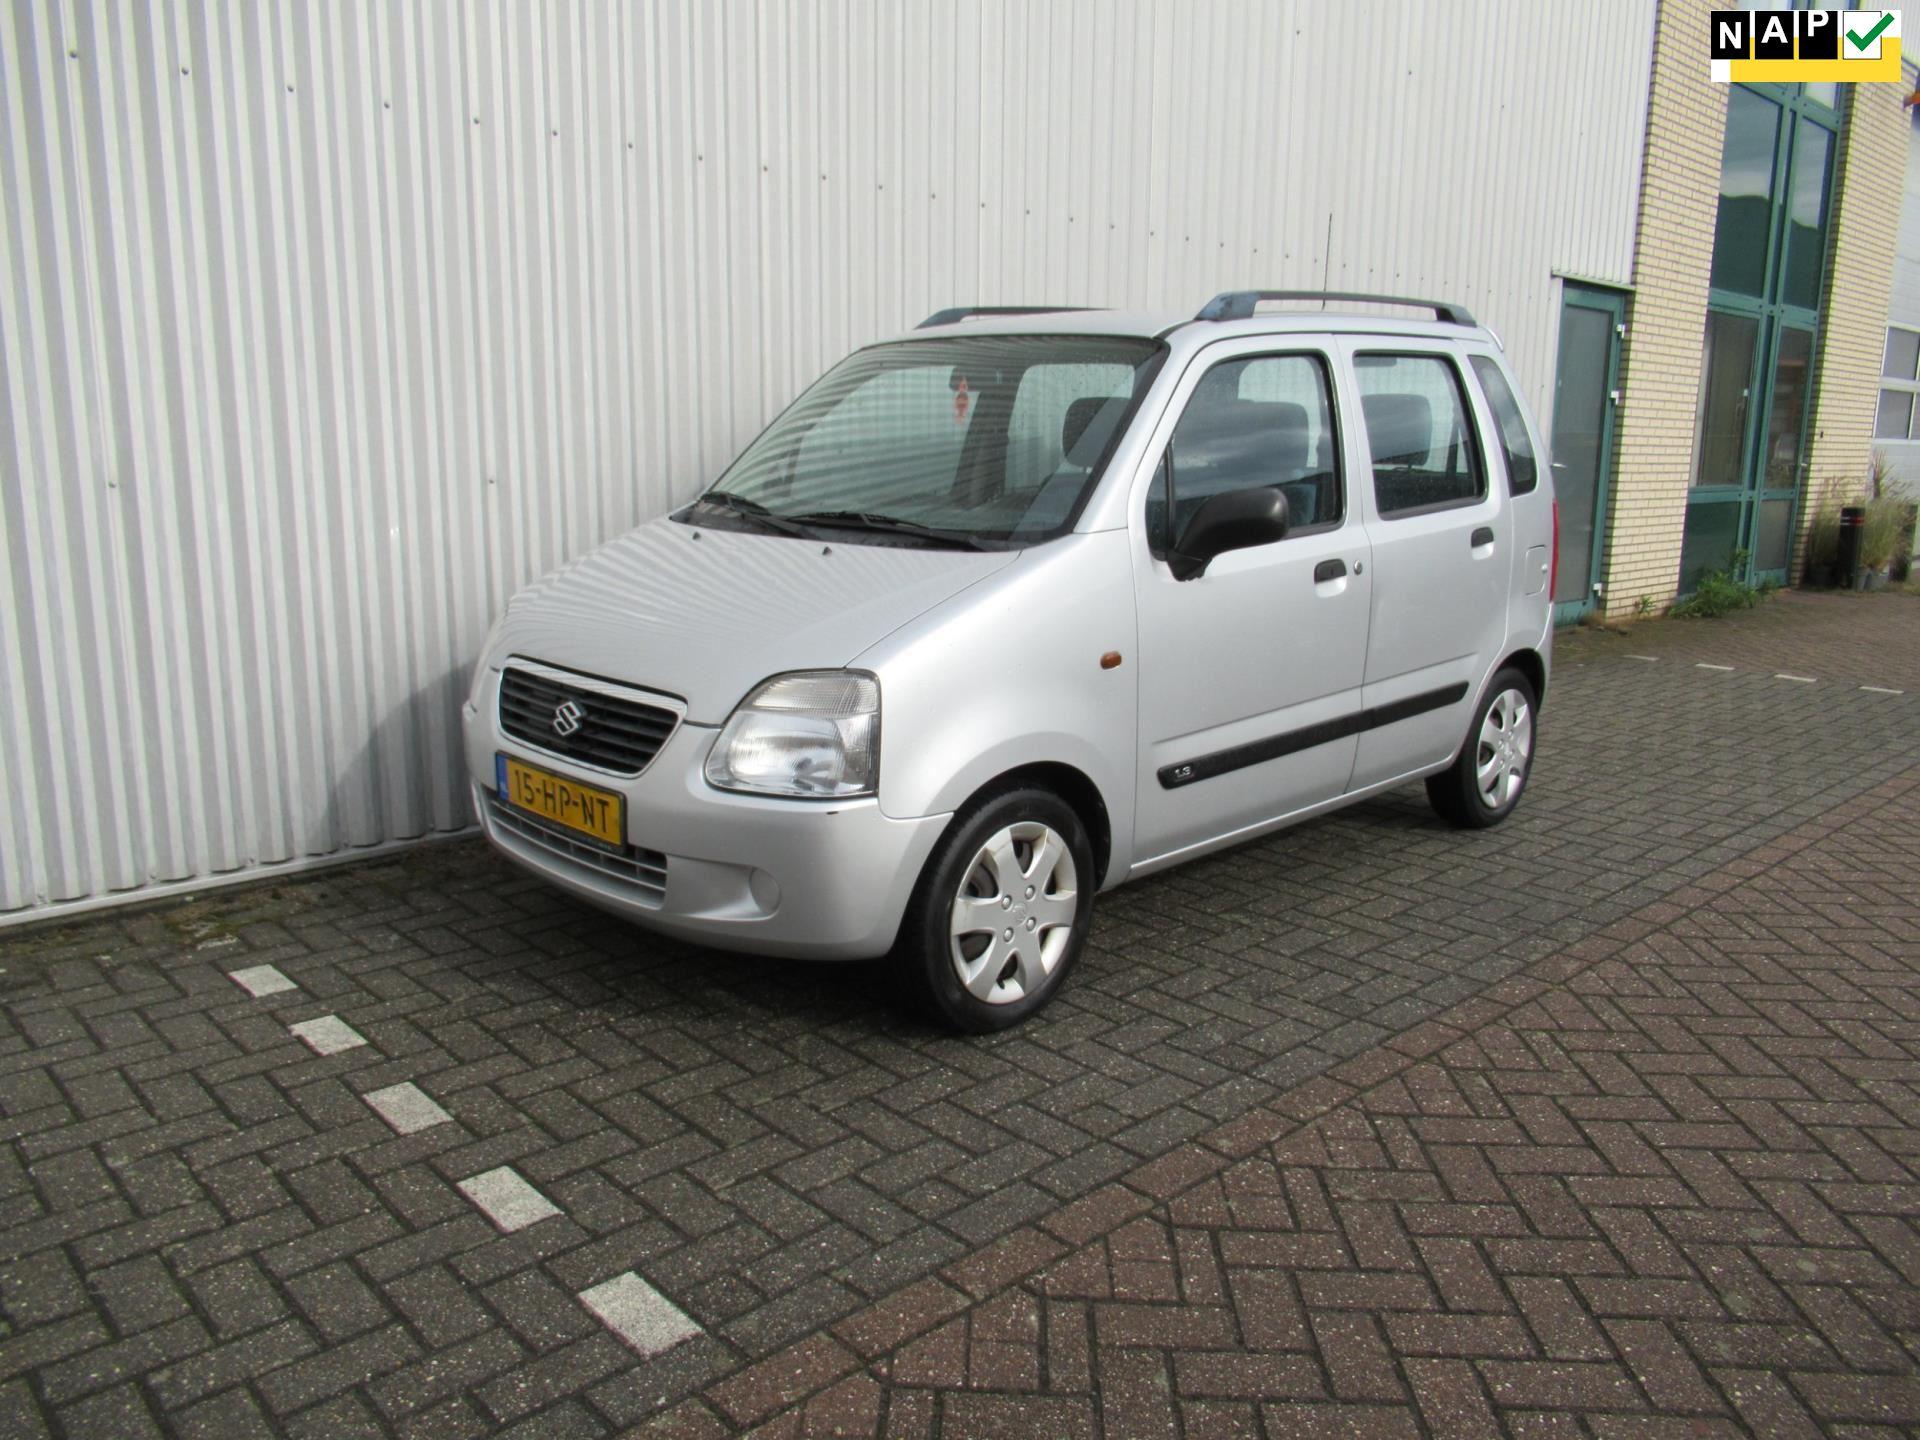 Suzuki Wagon R occasion - Autobedrijf Maasdijk